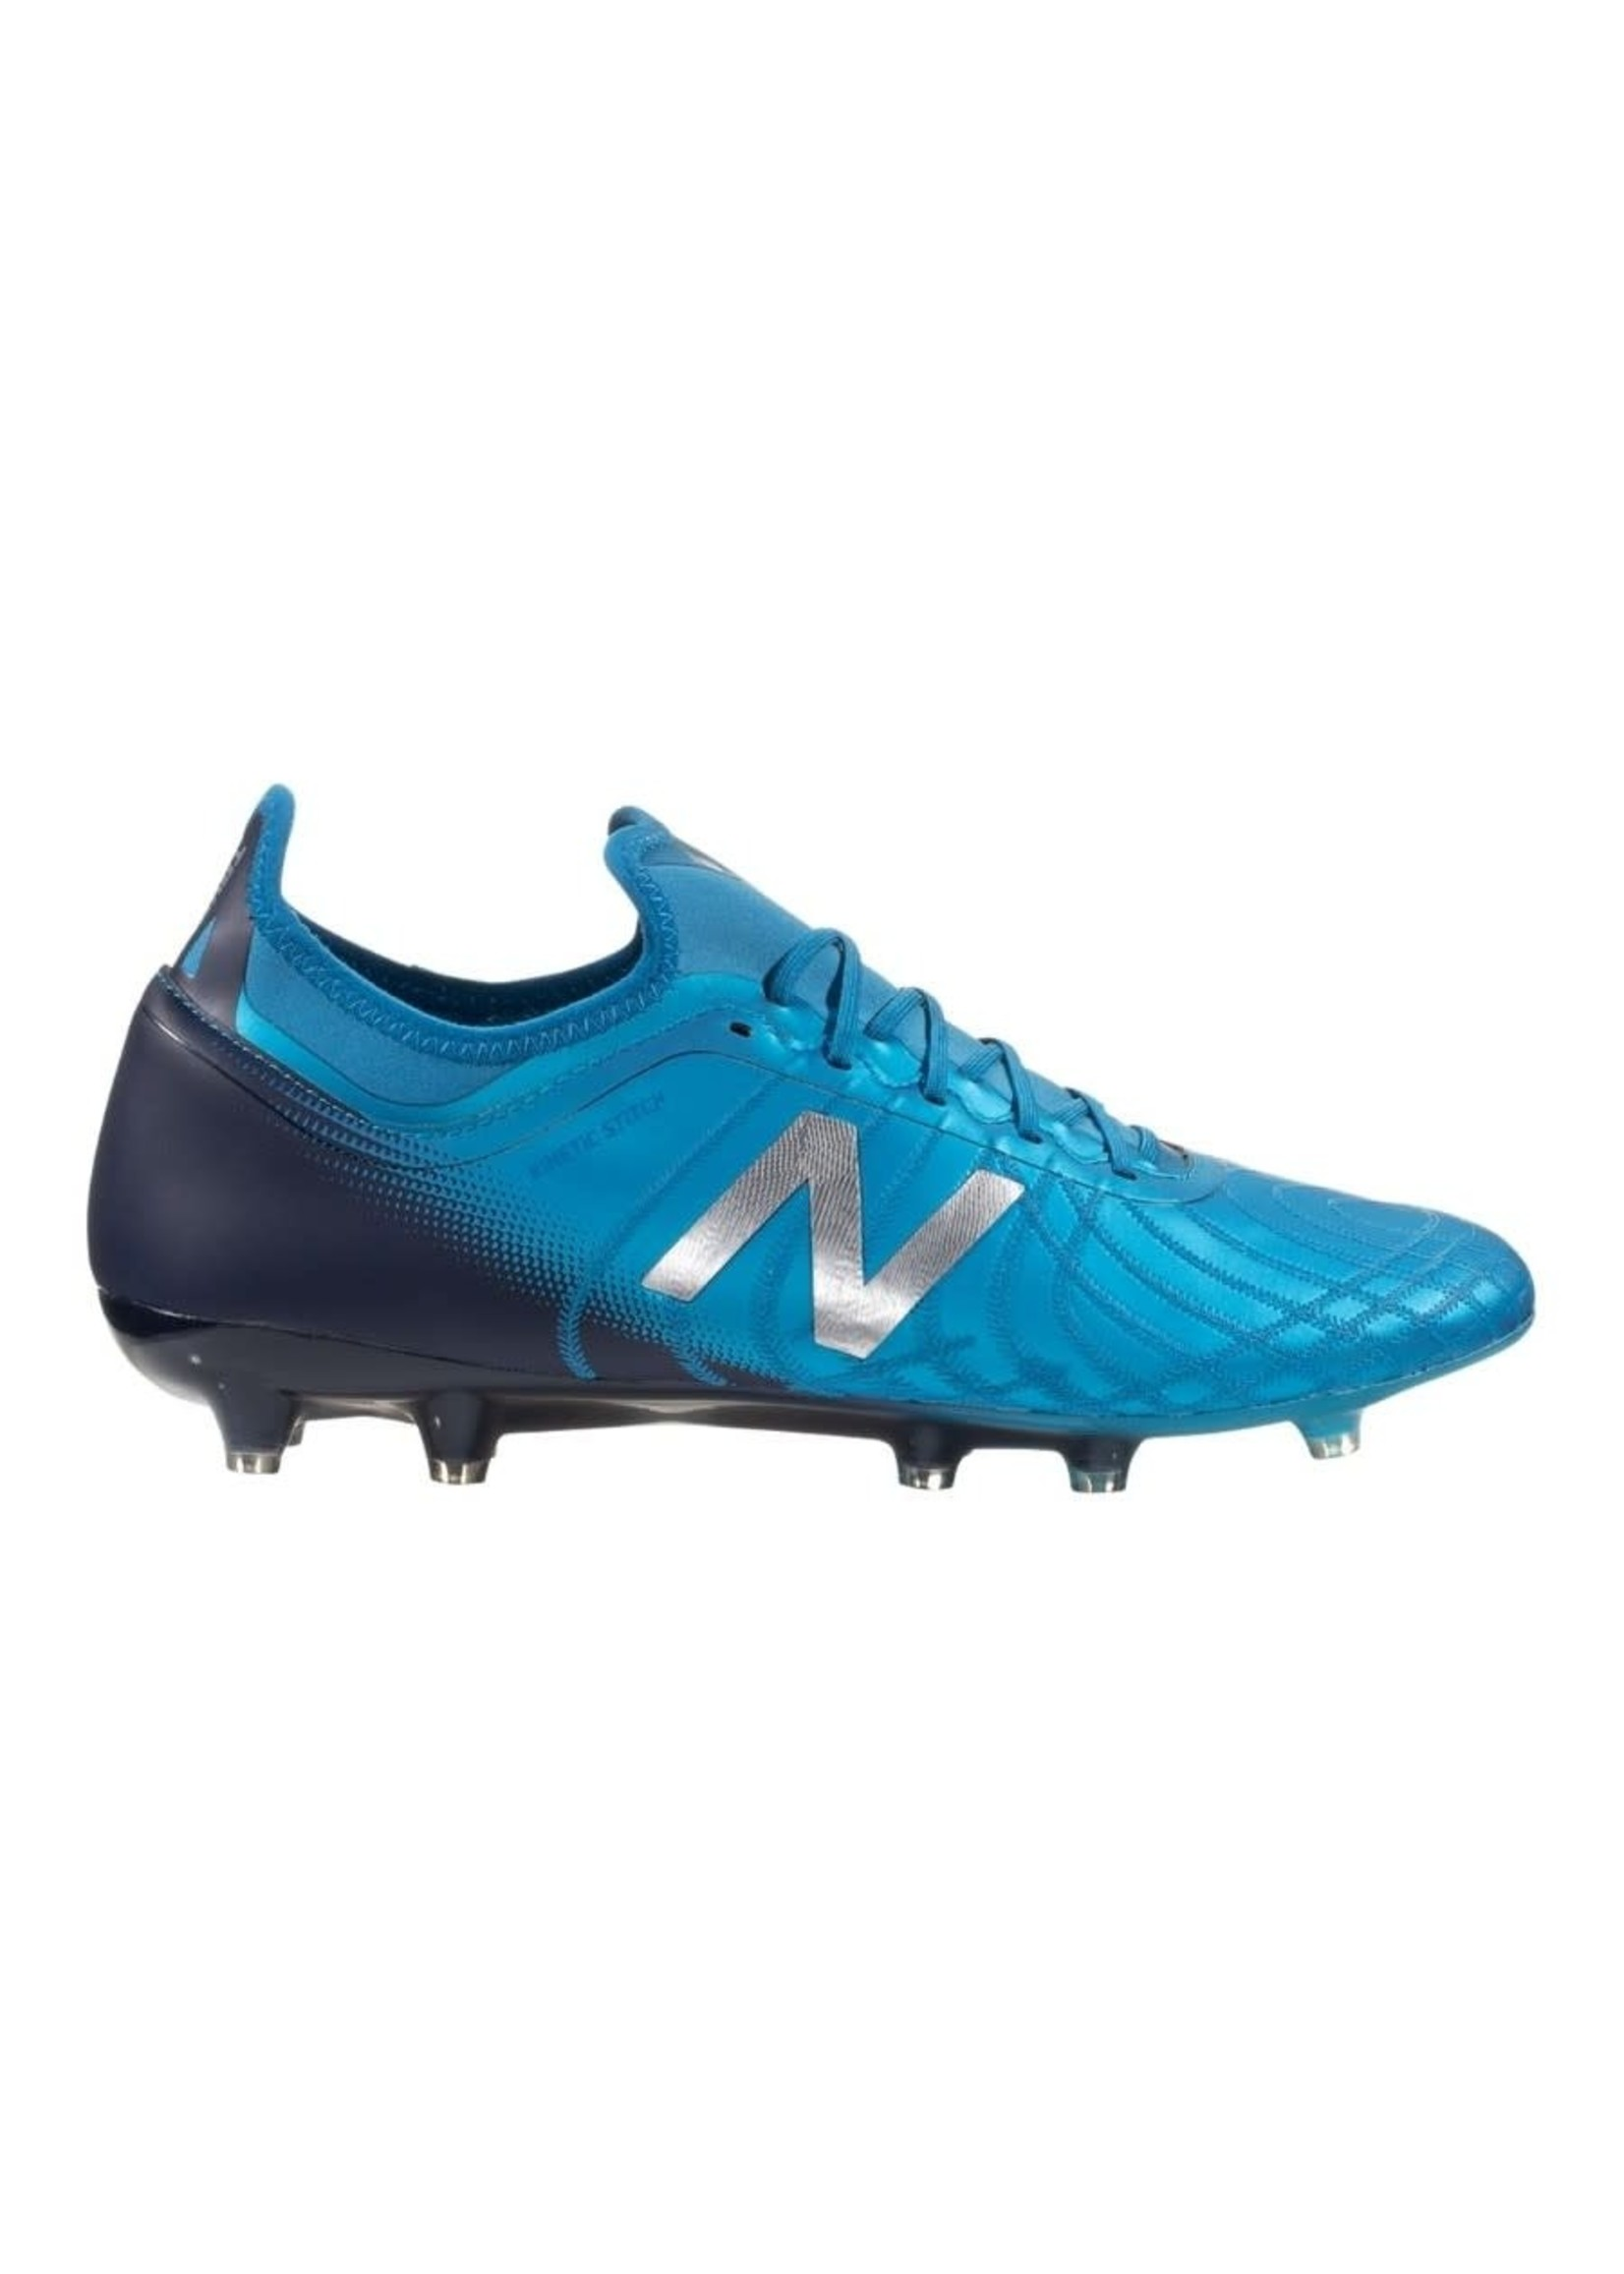 New Balance Tekela V2 Magia FG Blue